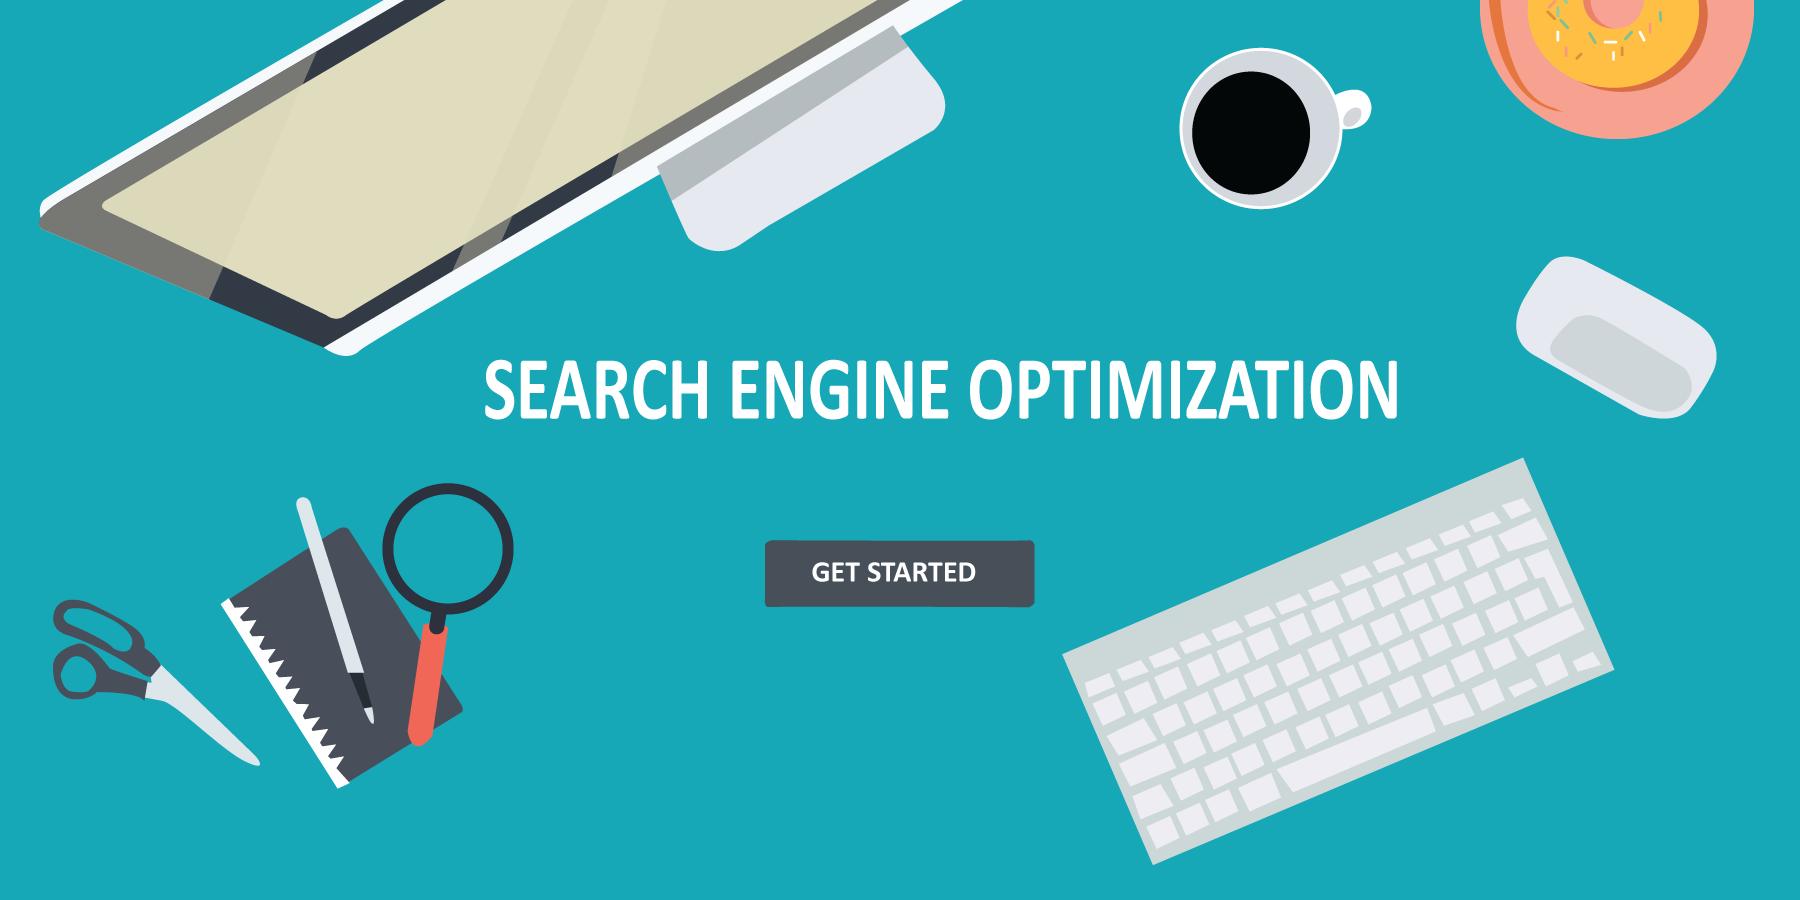 Комплексная поисковая оптимизация сайта продвижение и создание сайтов интернет магазин